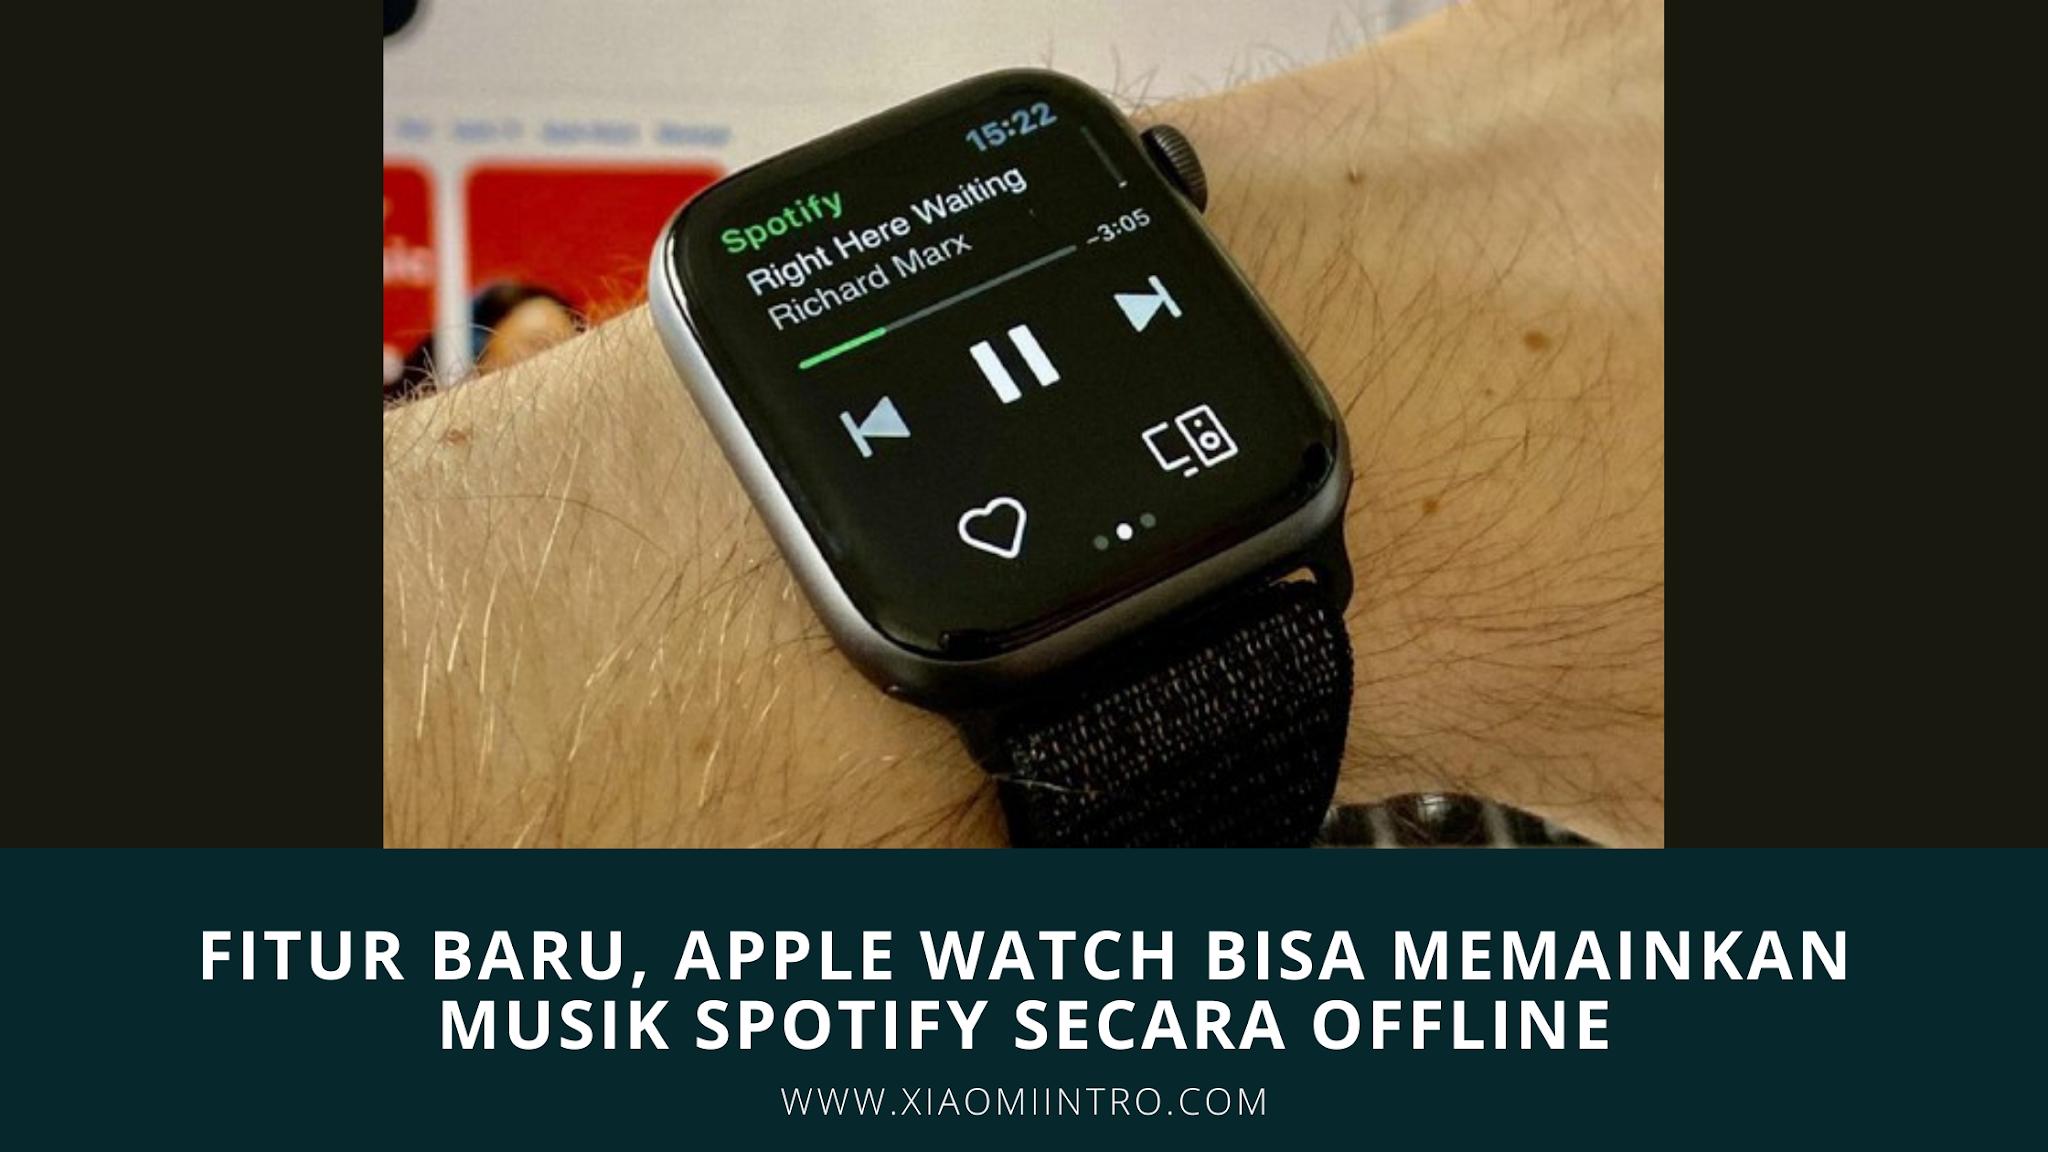 Fitur Baru, Apple Watch Bisa Memainkan Musik Spotify Secara Offline